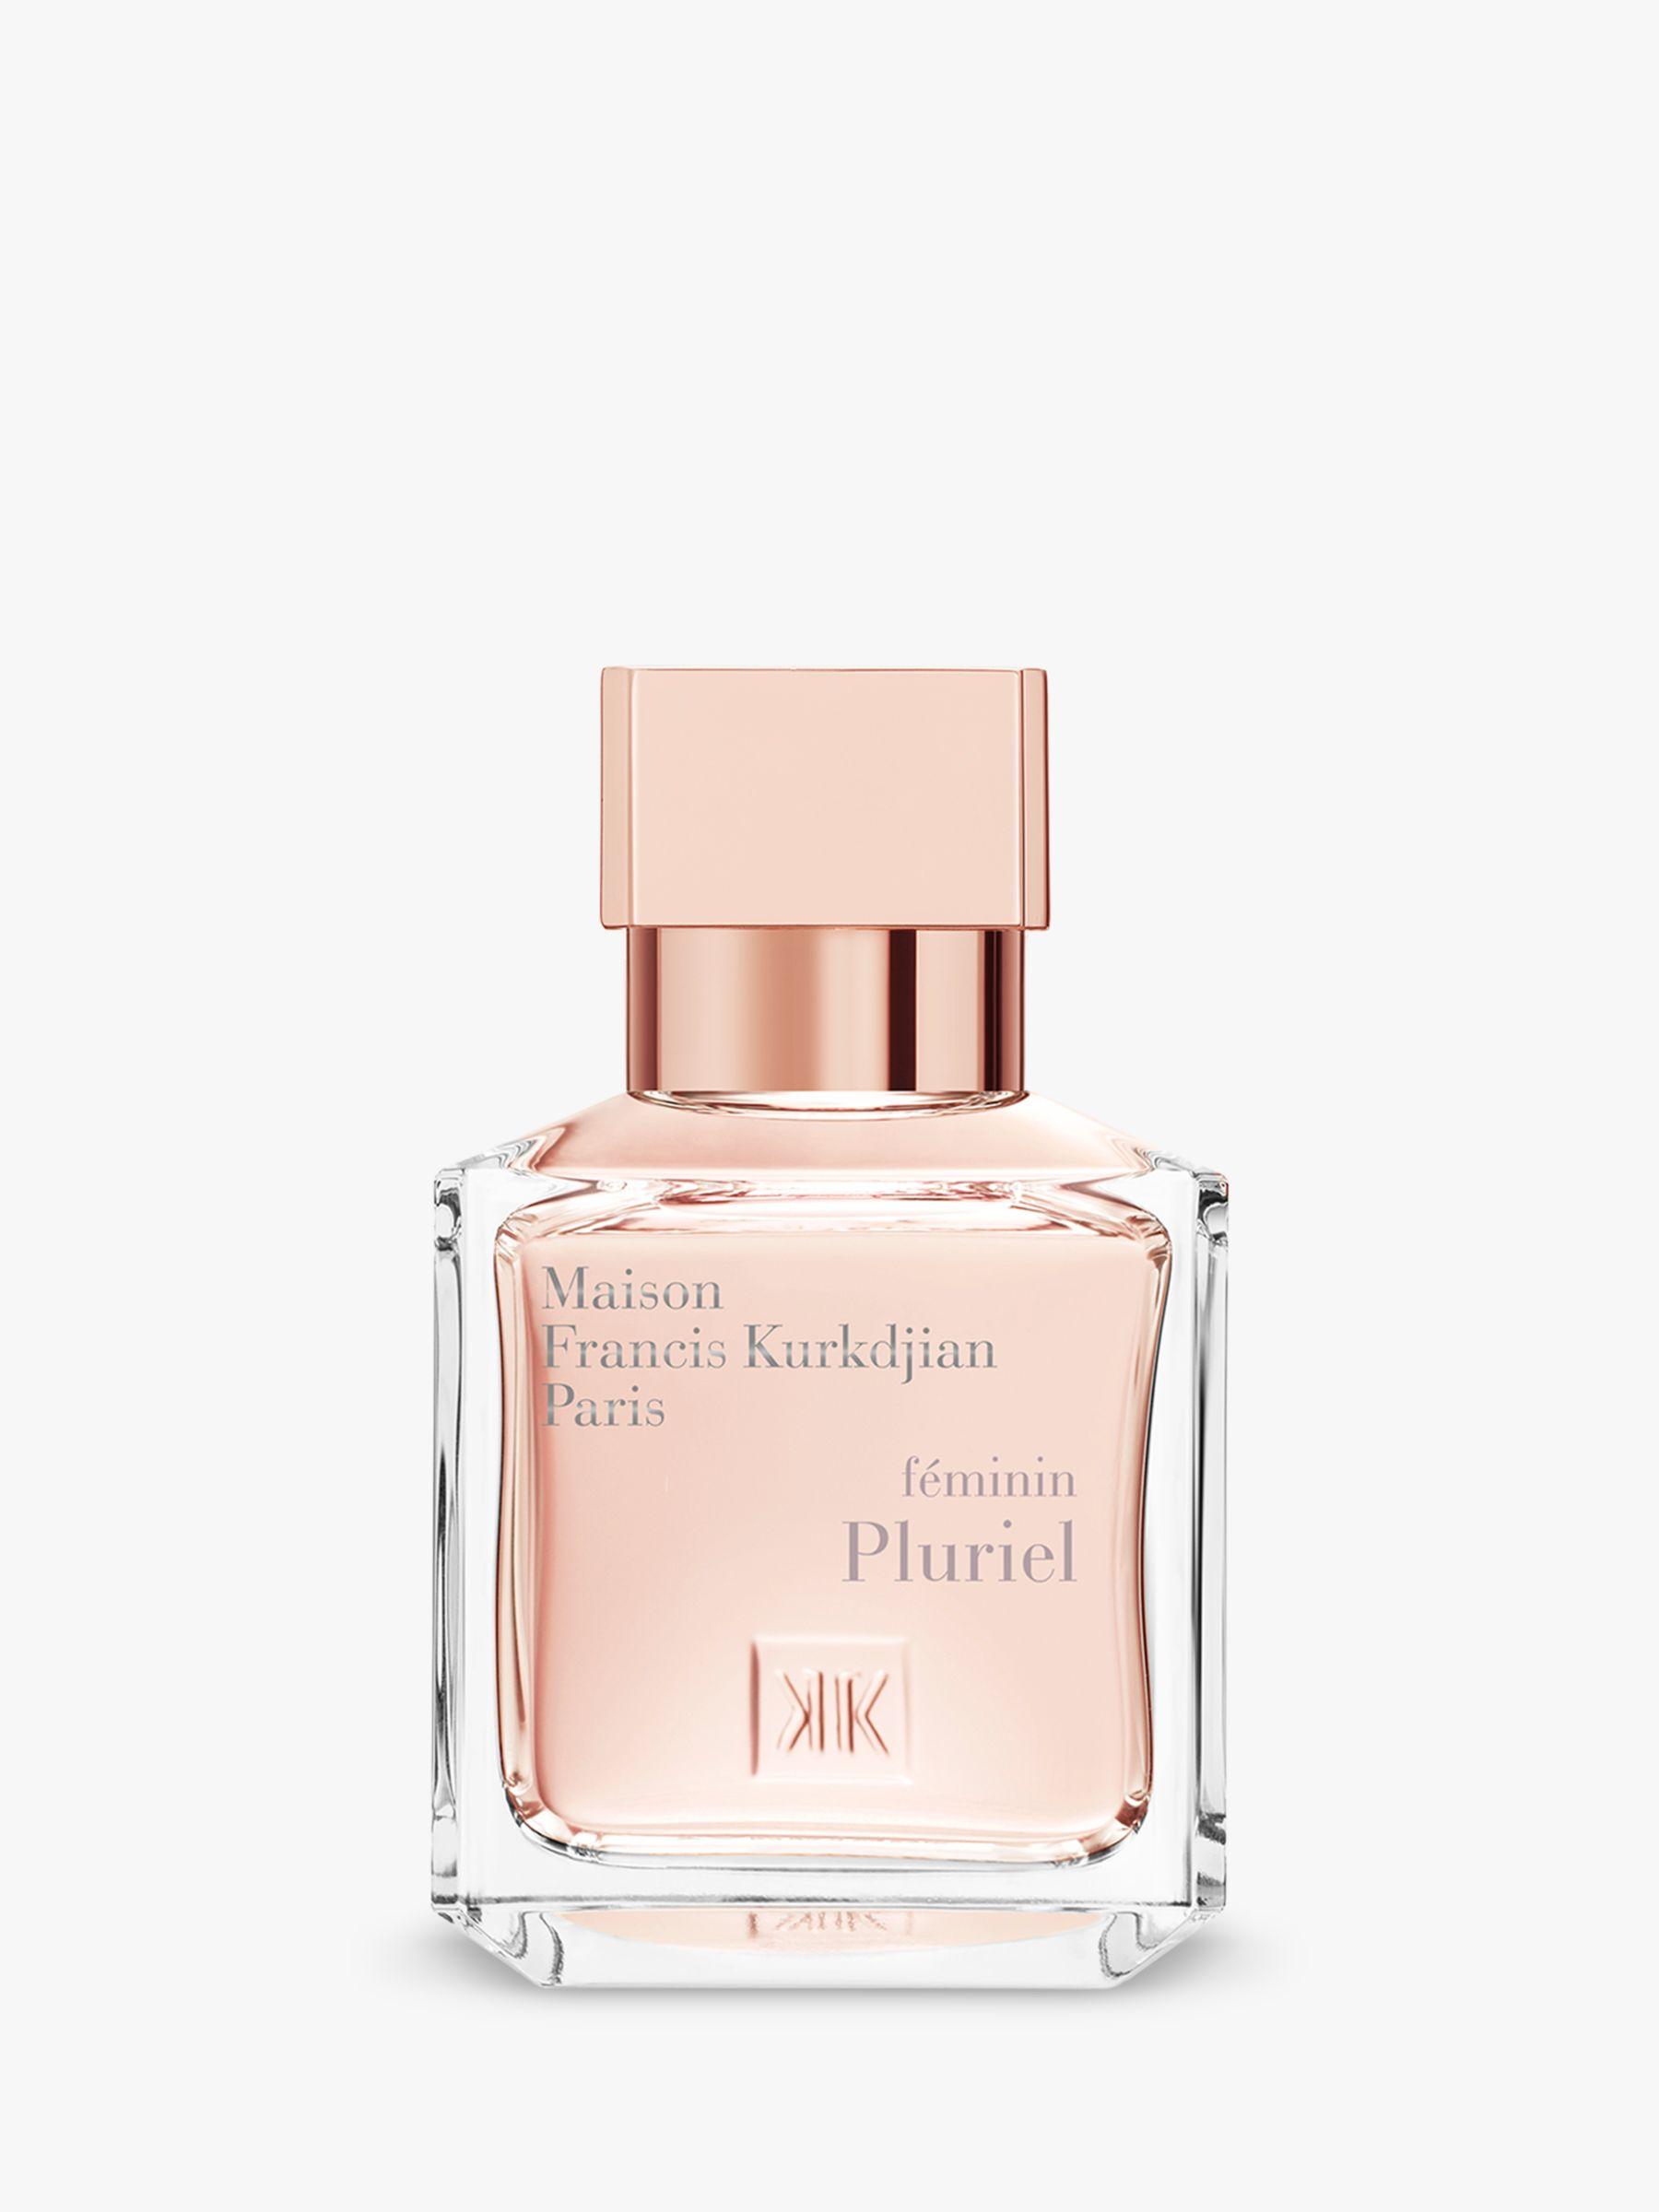 Maison Francis Kurkdjian Maison Francis Kurkdjian Féminin Pluriel Eau de Parfum, 70ml